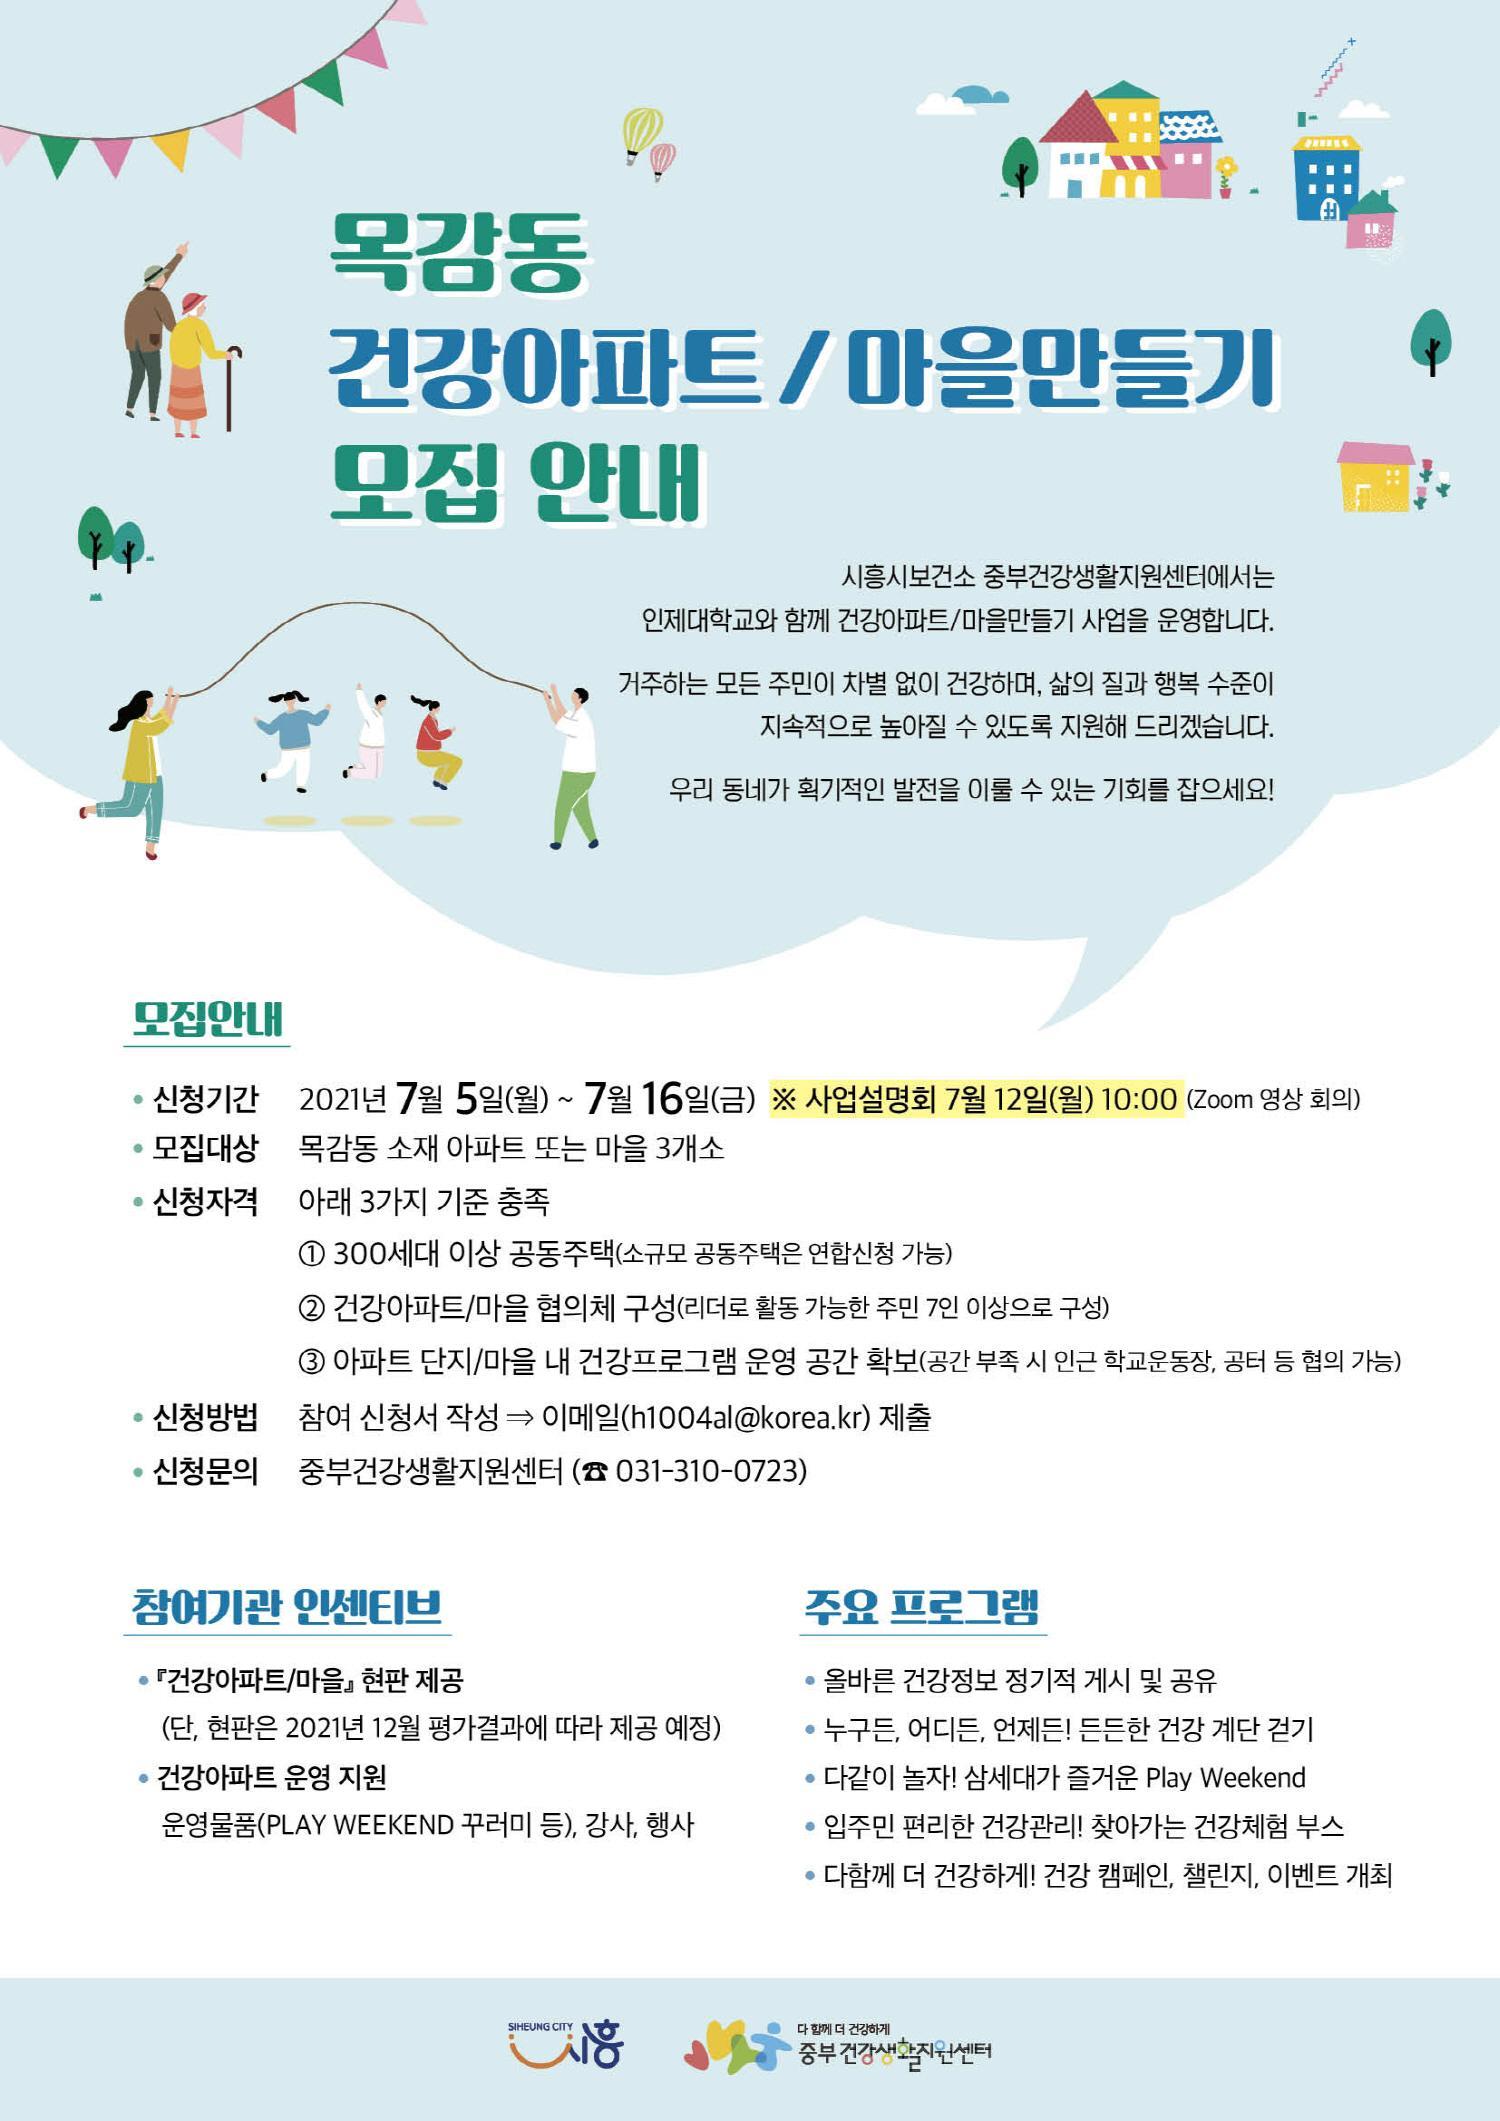 2021년 시흥시, 소지역 건강격차 해소를 위한 「목감동 건강아파트/마을 만들기」사업 대상 모집